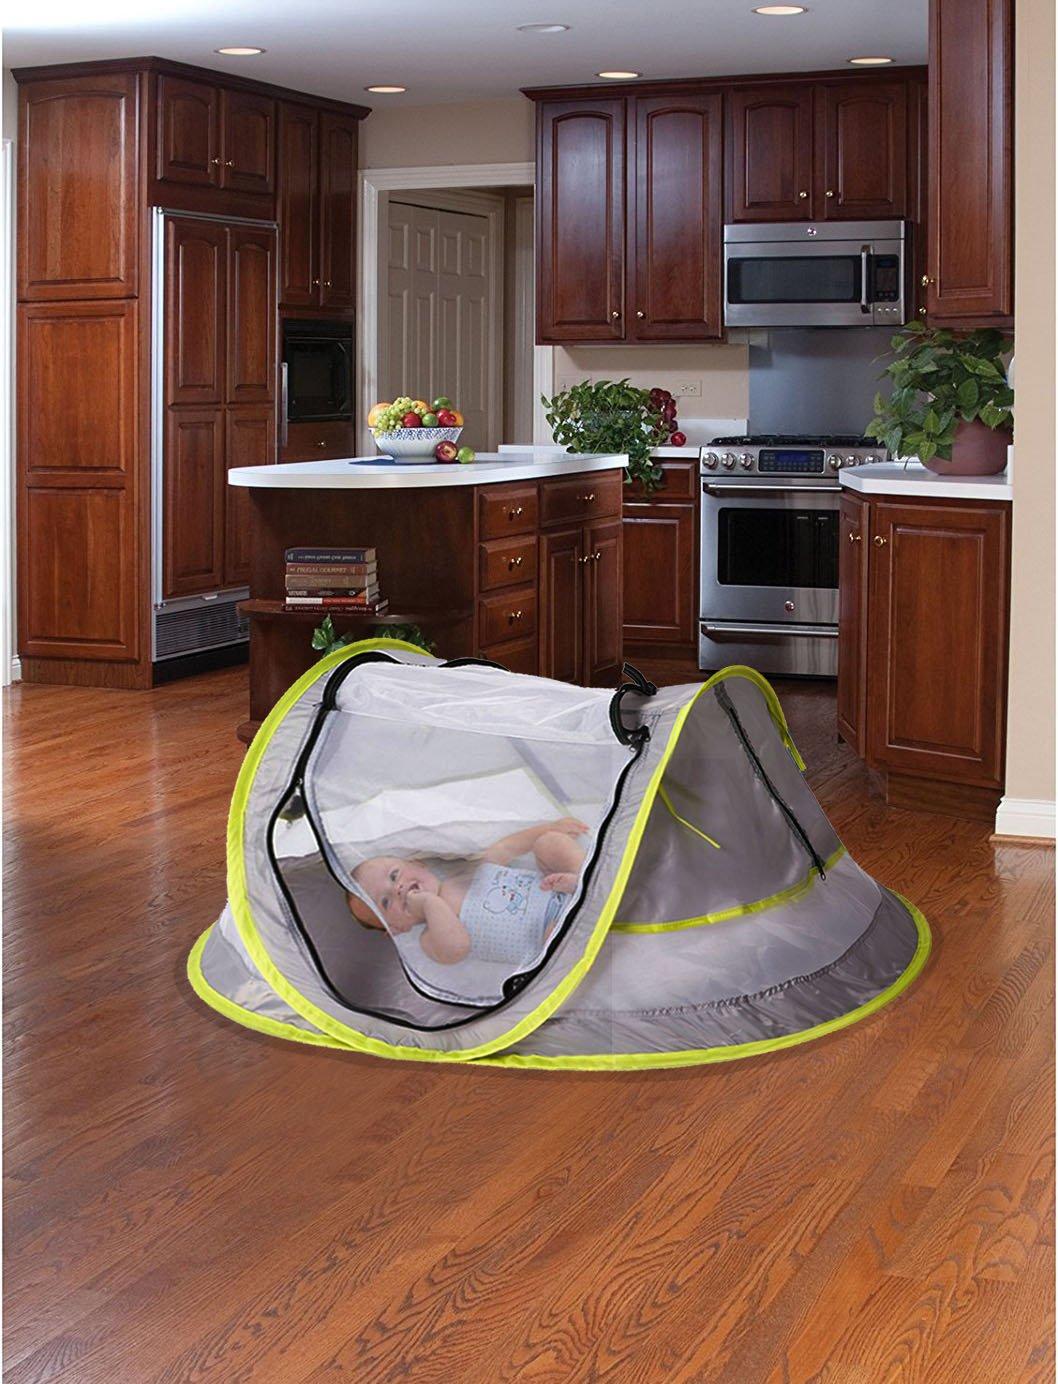 Amazon.com: mingz grande de viaje, Portable Baby Travel Bed ...